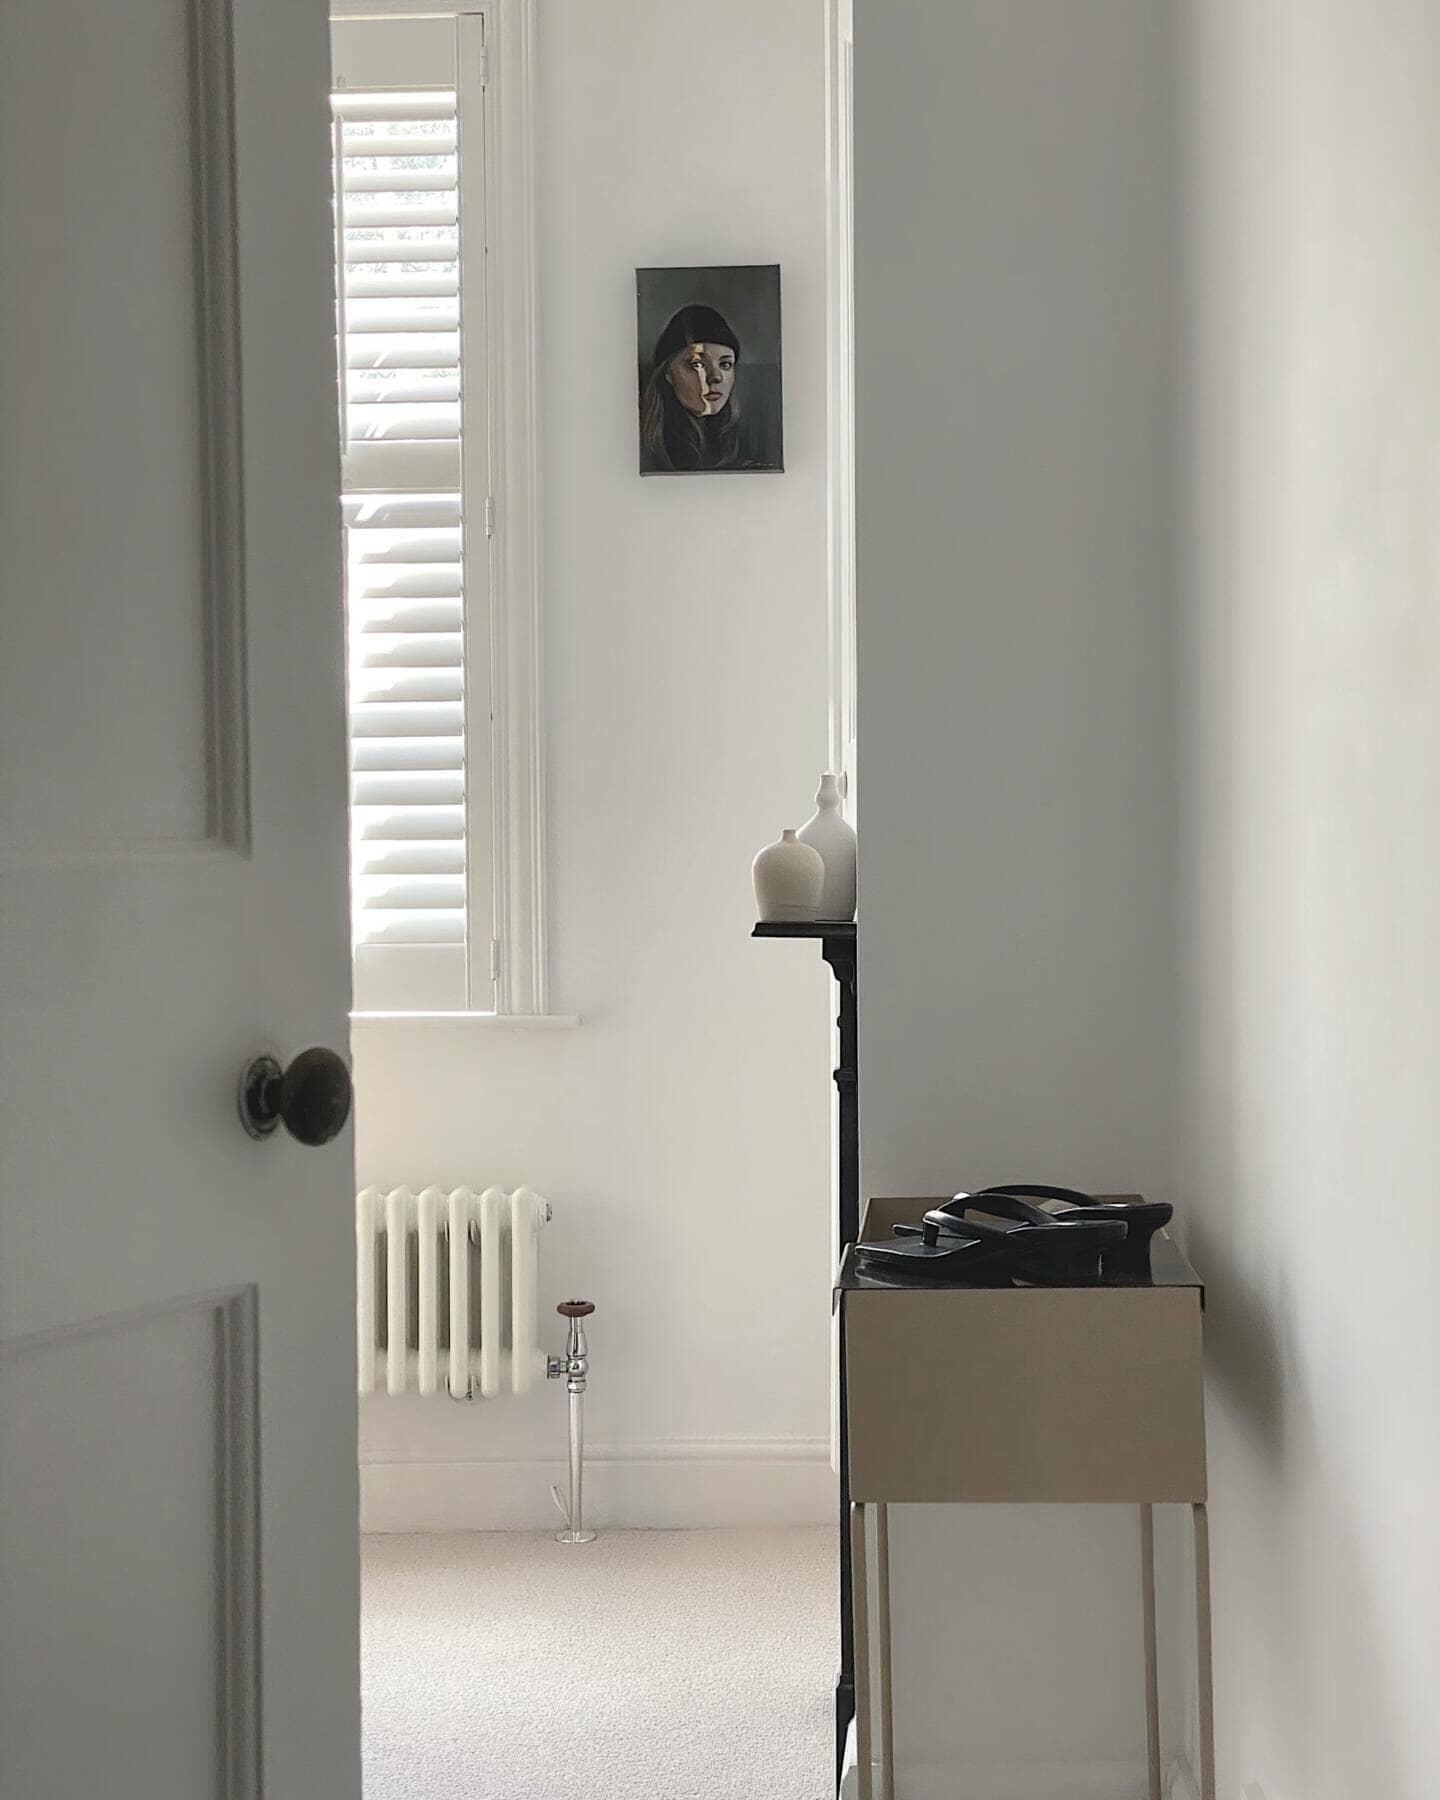 Donna's door opening revealing a Milano Windsor radiator